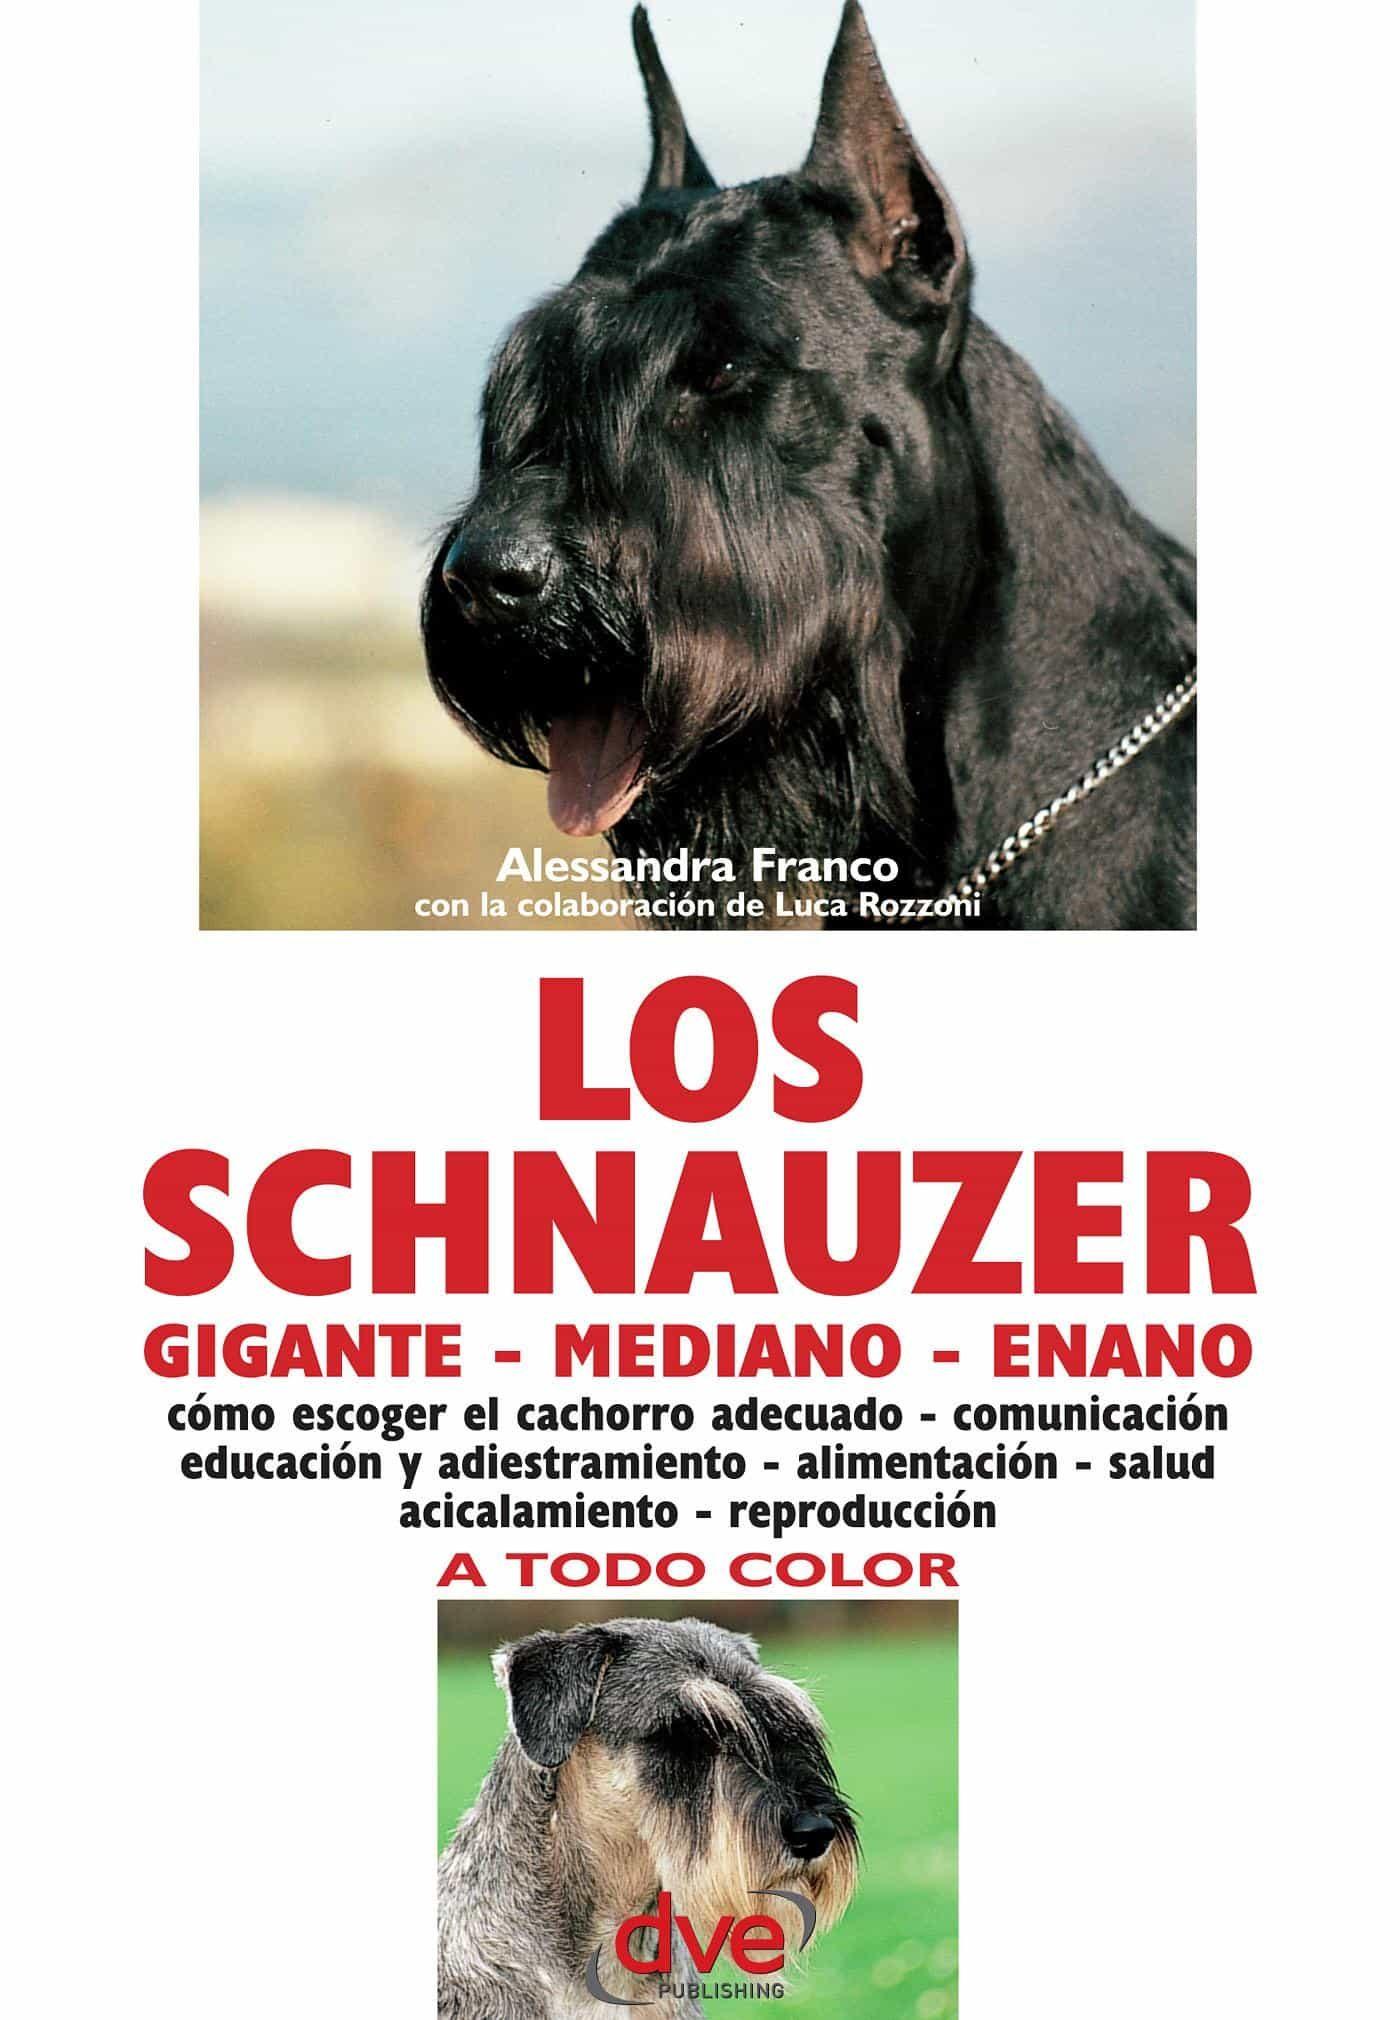 LOS SCHNAUZER: CÓMO ESCOGER EL CACHORRO ADECUADO - COMUNICACIÓN ...